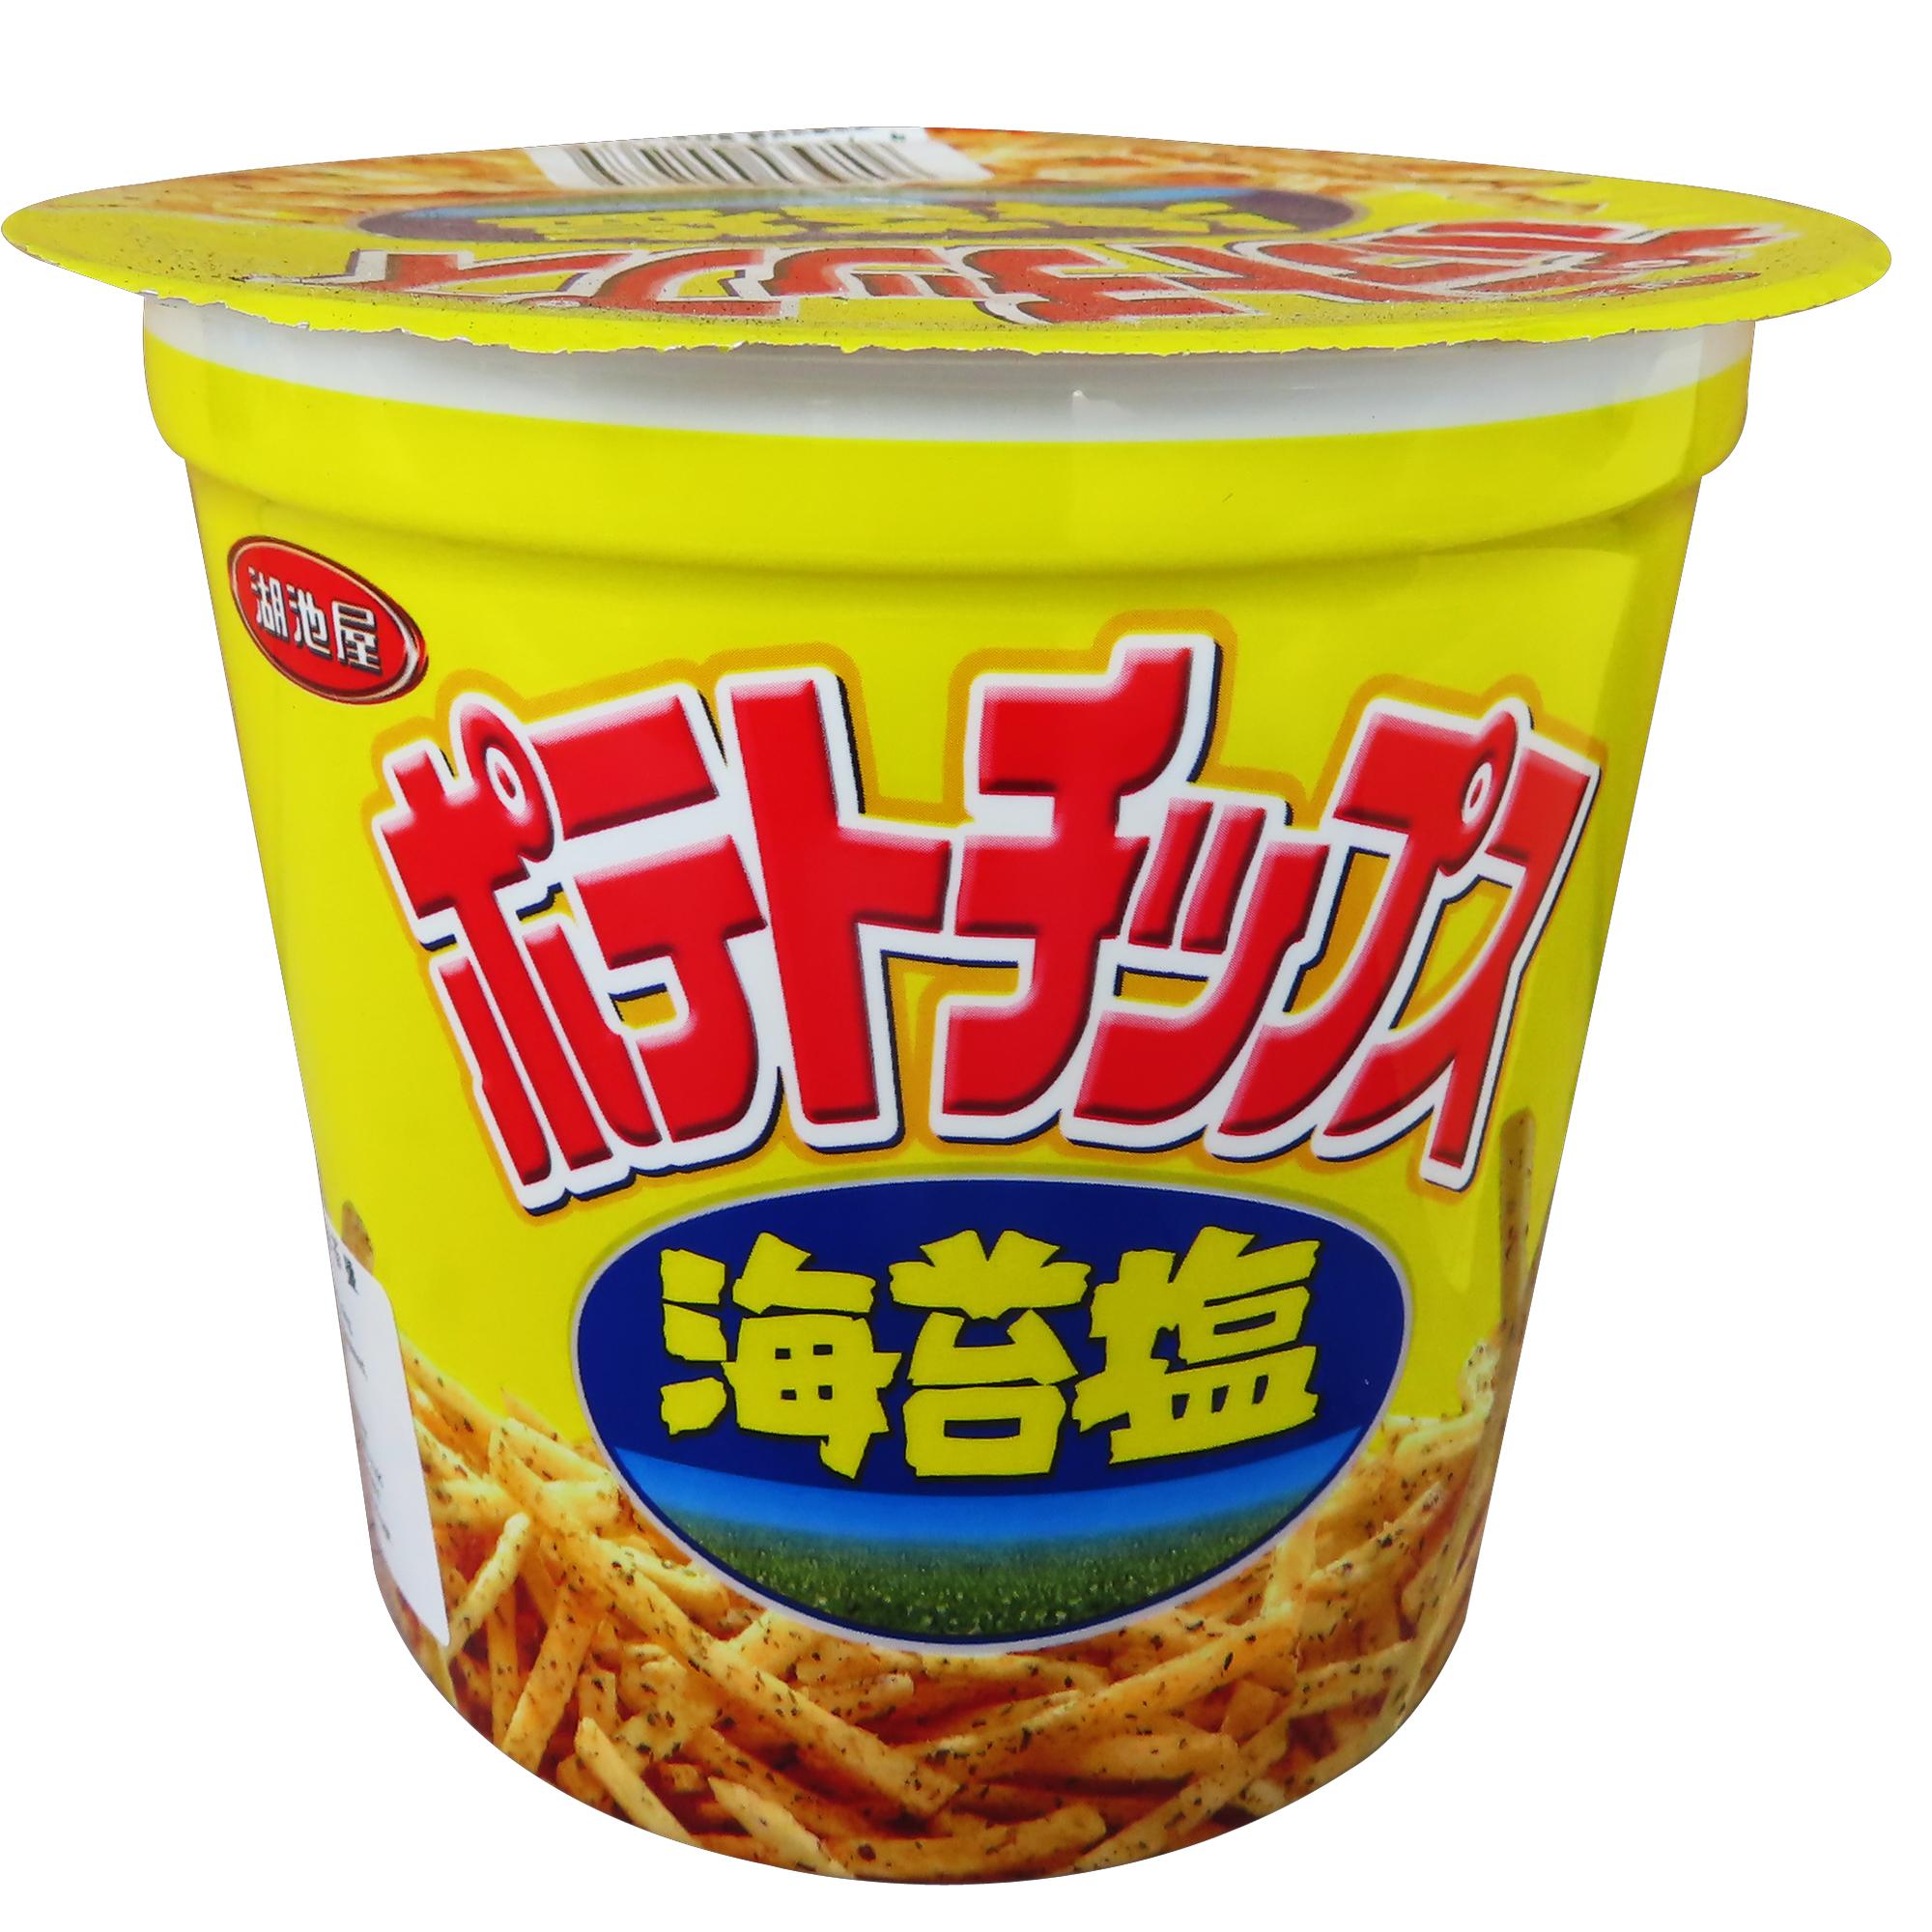 Image Koikeya Potato Fries 湖池屋 - 海苔盐薯条 /海苔盐洋芋条 (杯) 64grams